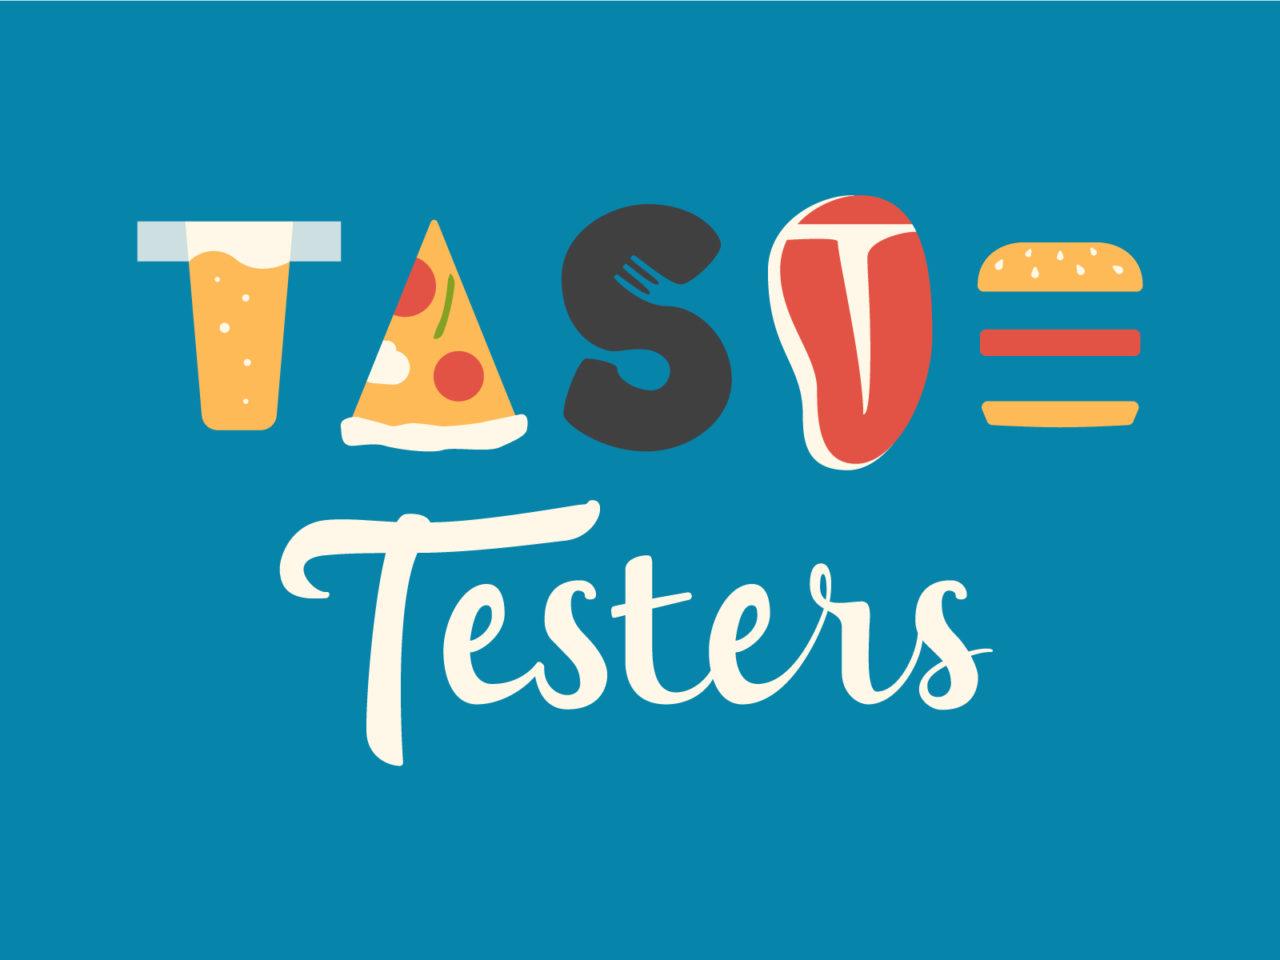 TasteTesters_Clean1_V1_PORTEDIT_2